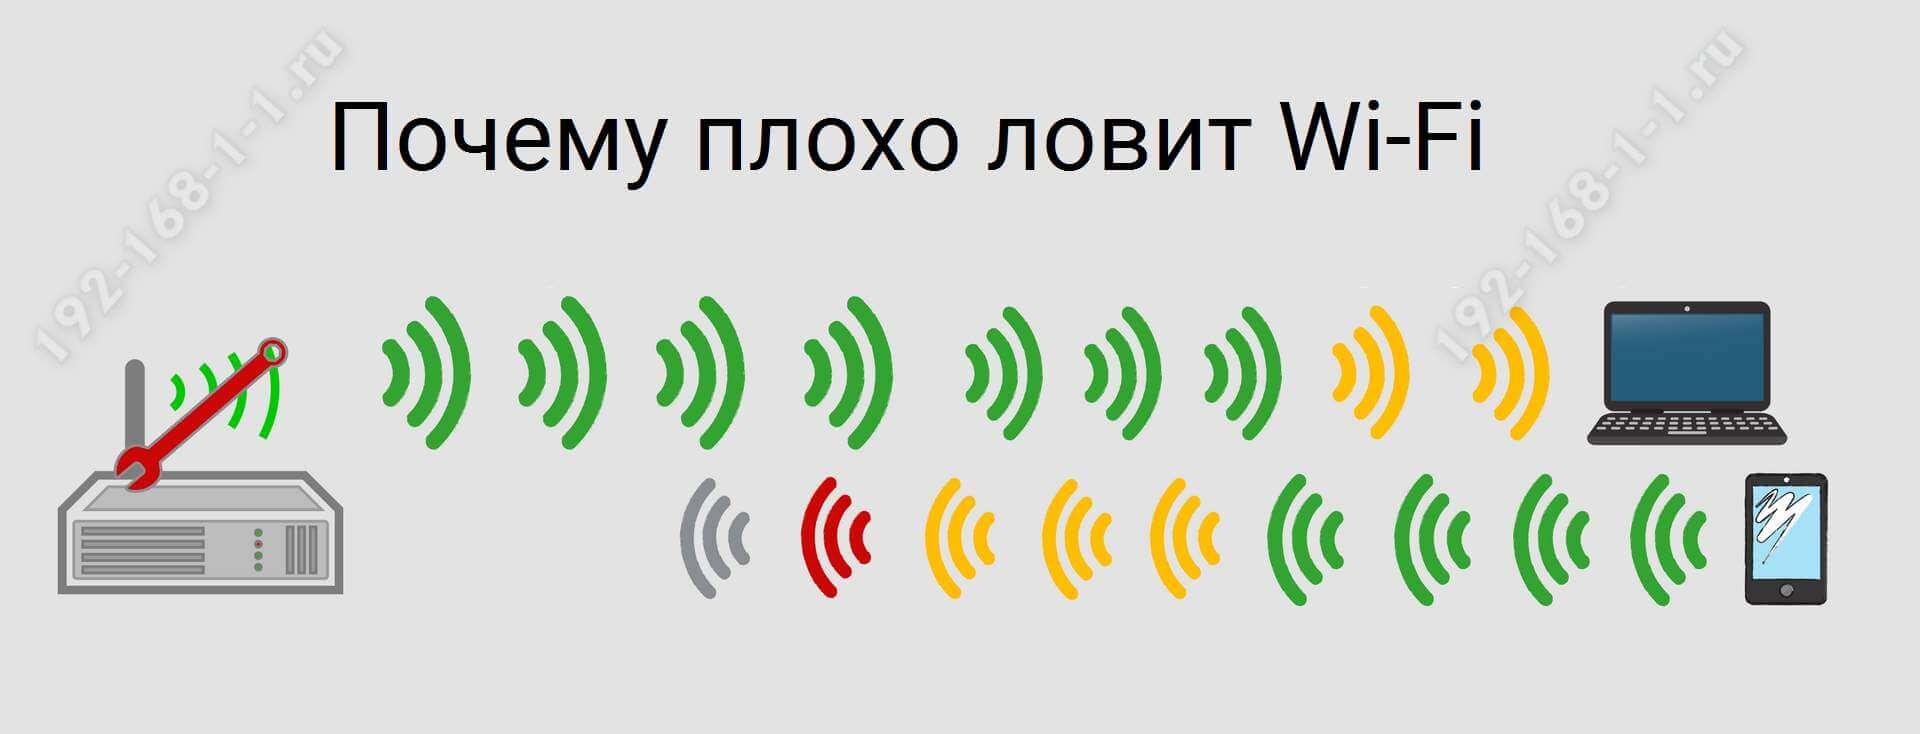 почему wifi плохо работает